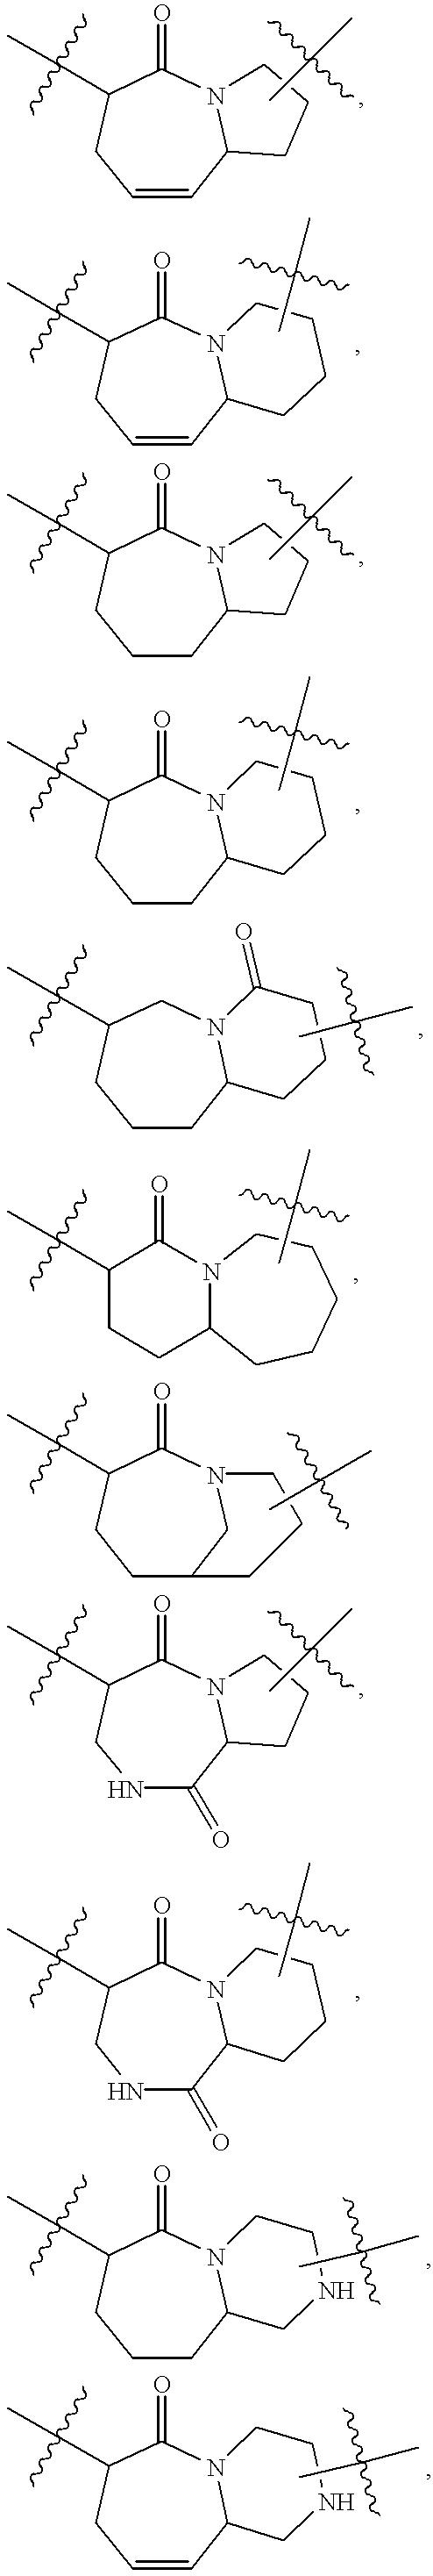 Figure US20020055501A1-20020509-C00030